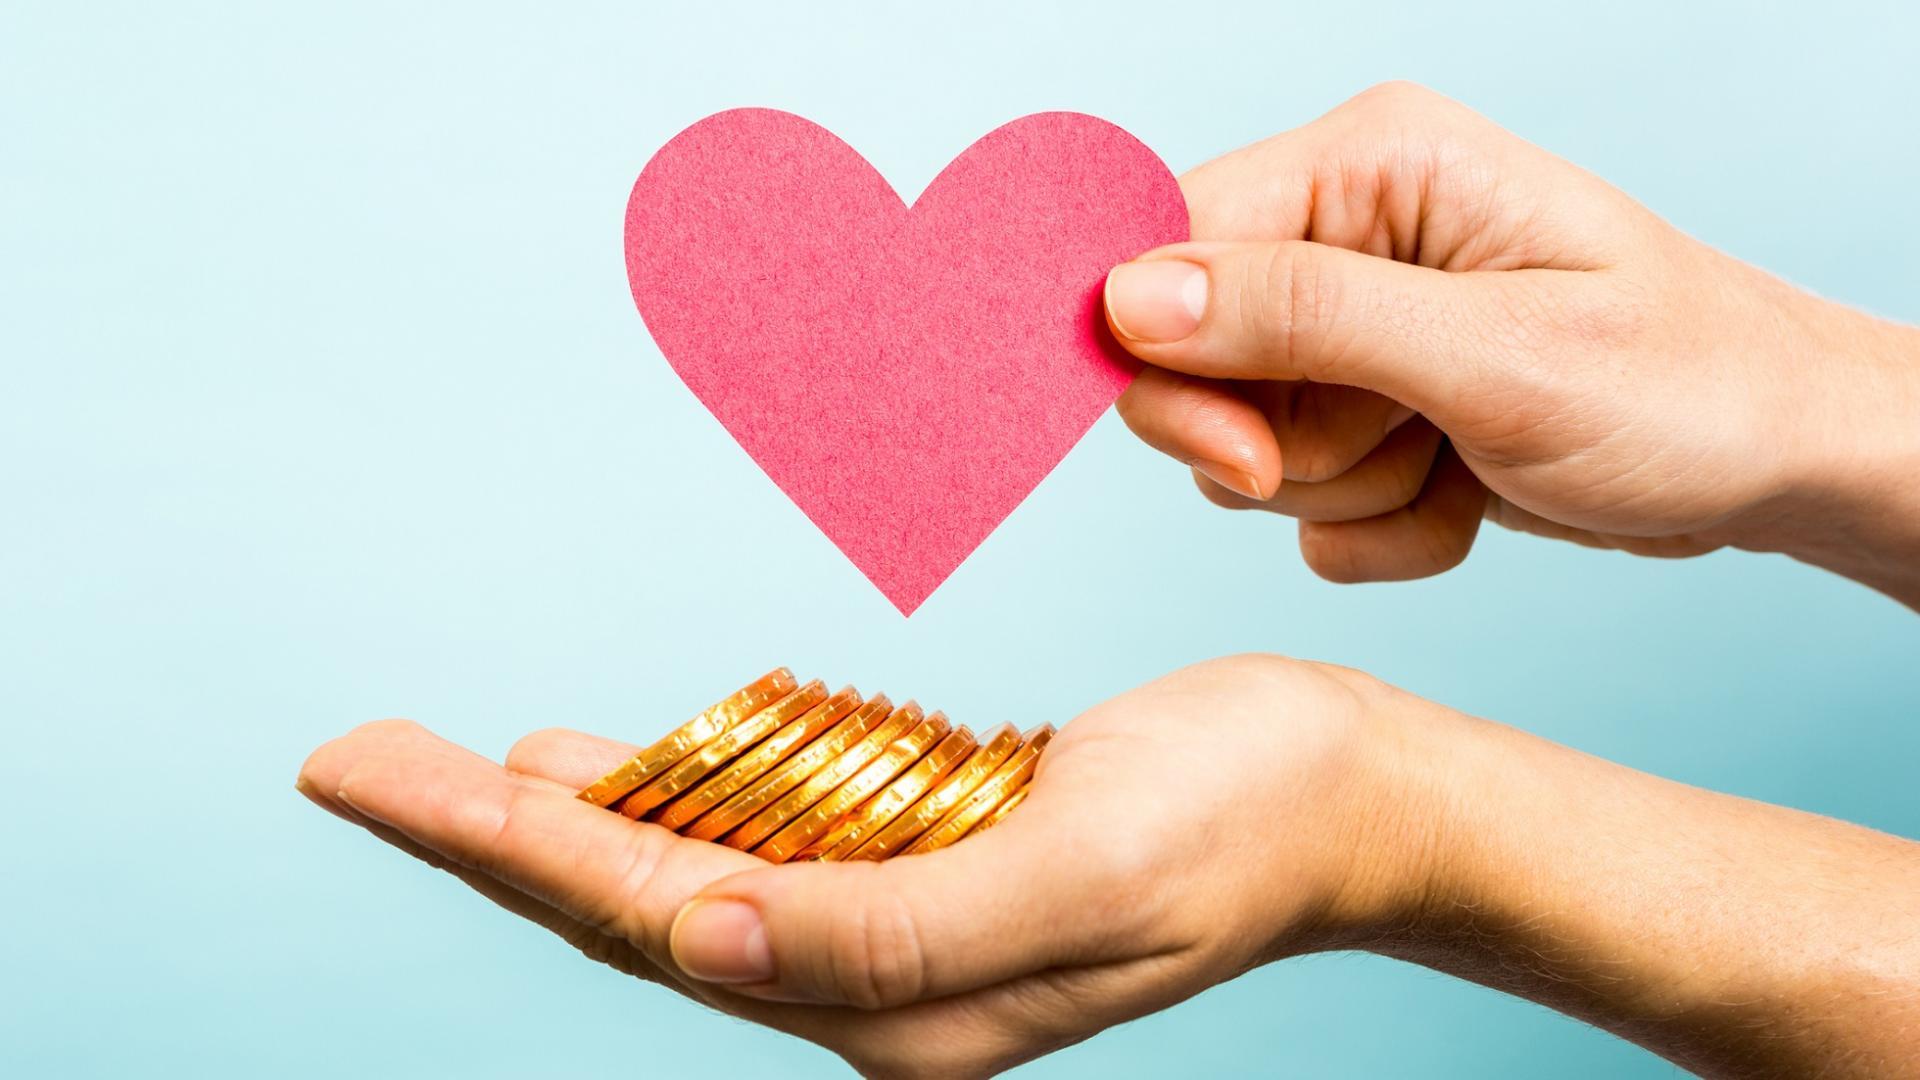 Hand mit Schokoladengeldmünzen und einem Papierherz gehalten von einer Hand vor einem hellblauen Hintergrund.